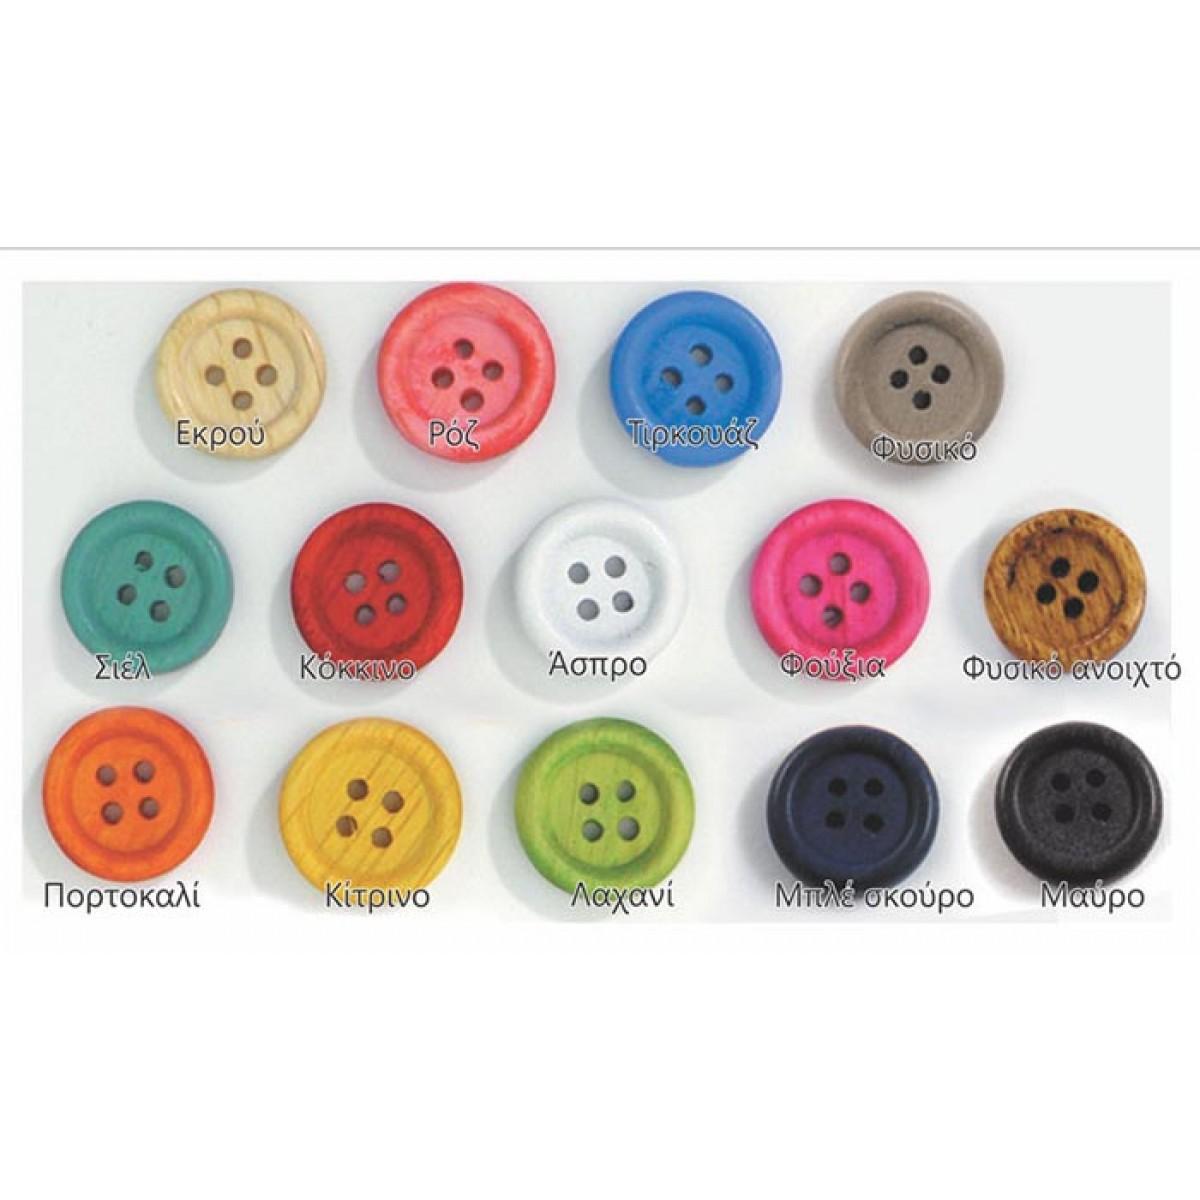 Ξύλινα Κουμπιά Μίξη Χρωμάτων 1.5cm (50 Τεμ.) Υλικά Χειροτεχνίας